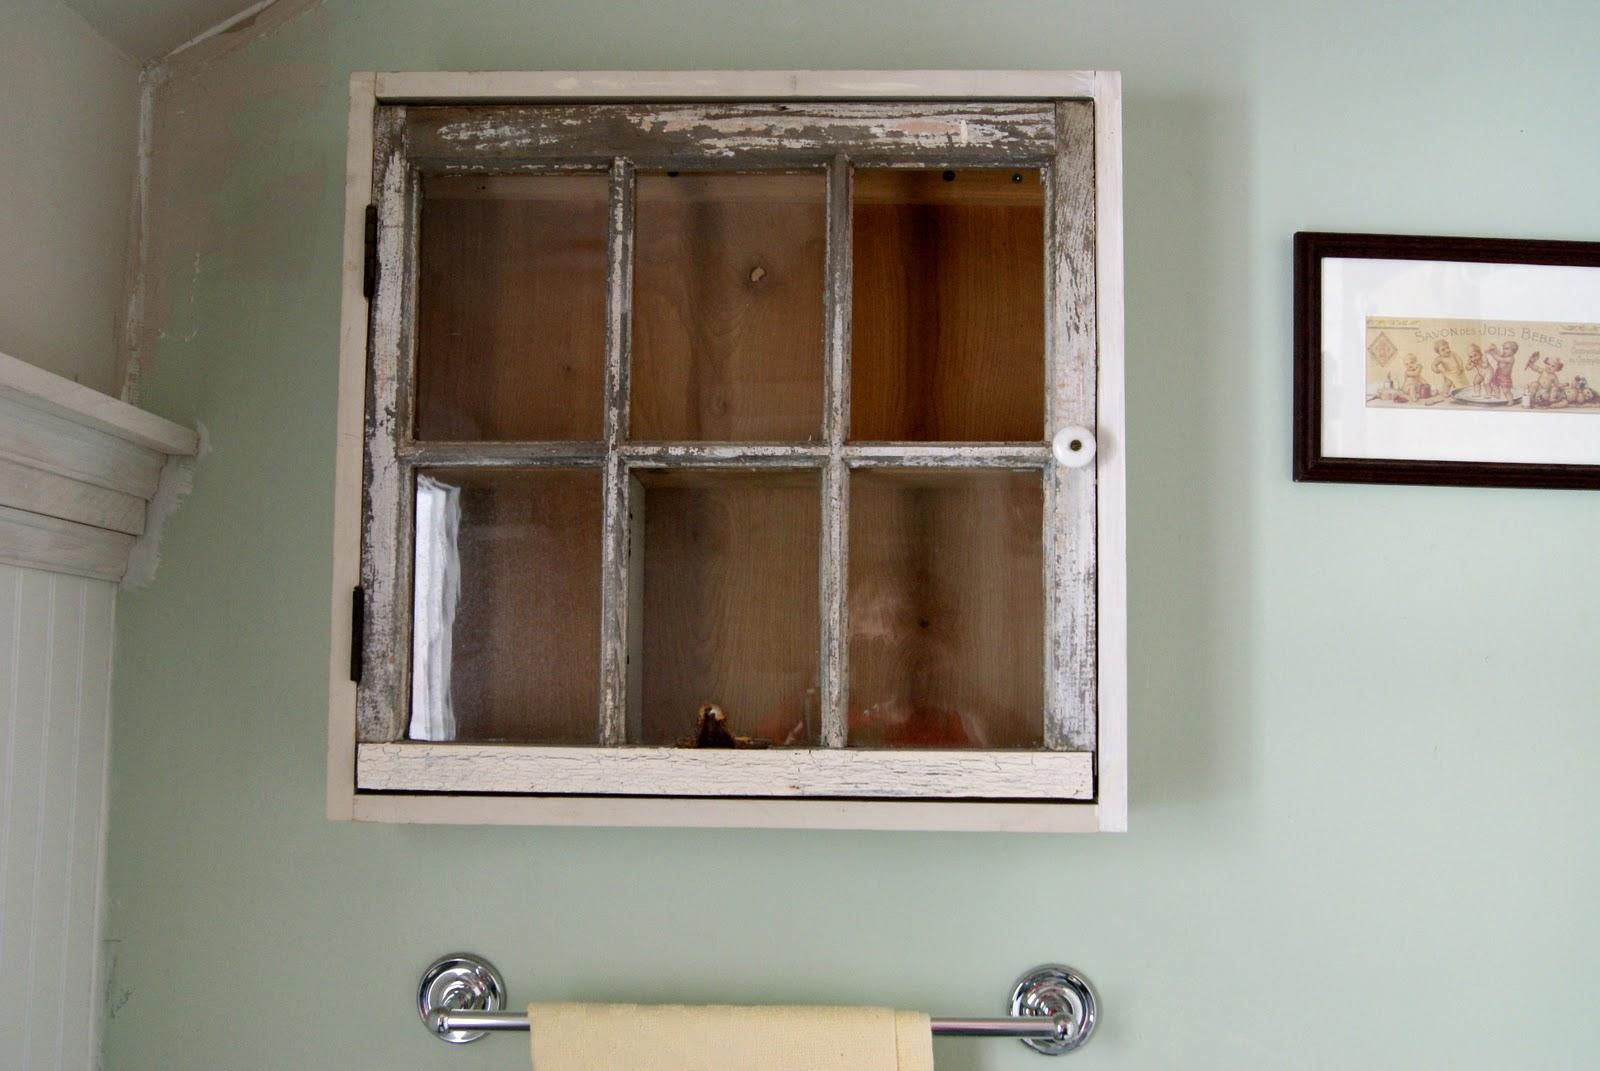 http://4.bp.blogspot.com/_EePxtUMCmnY/TUMkQ2VnBII/AAAAAAAABfo/5Ix9I2rJkZw/s1600/old+cabinet.jpg